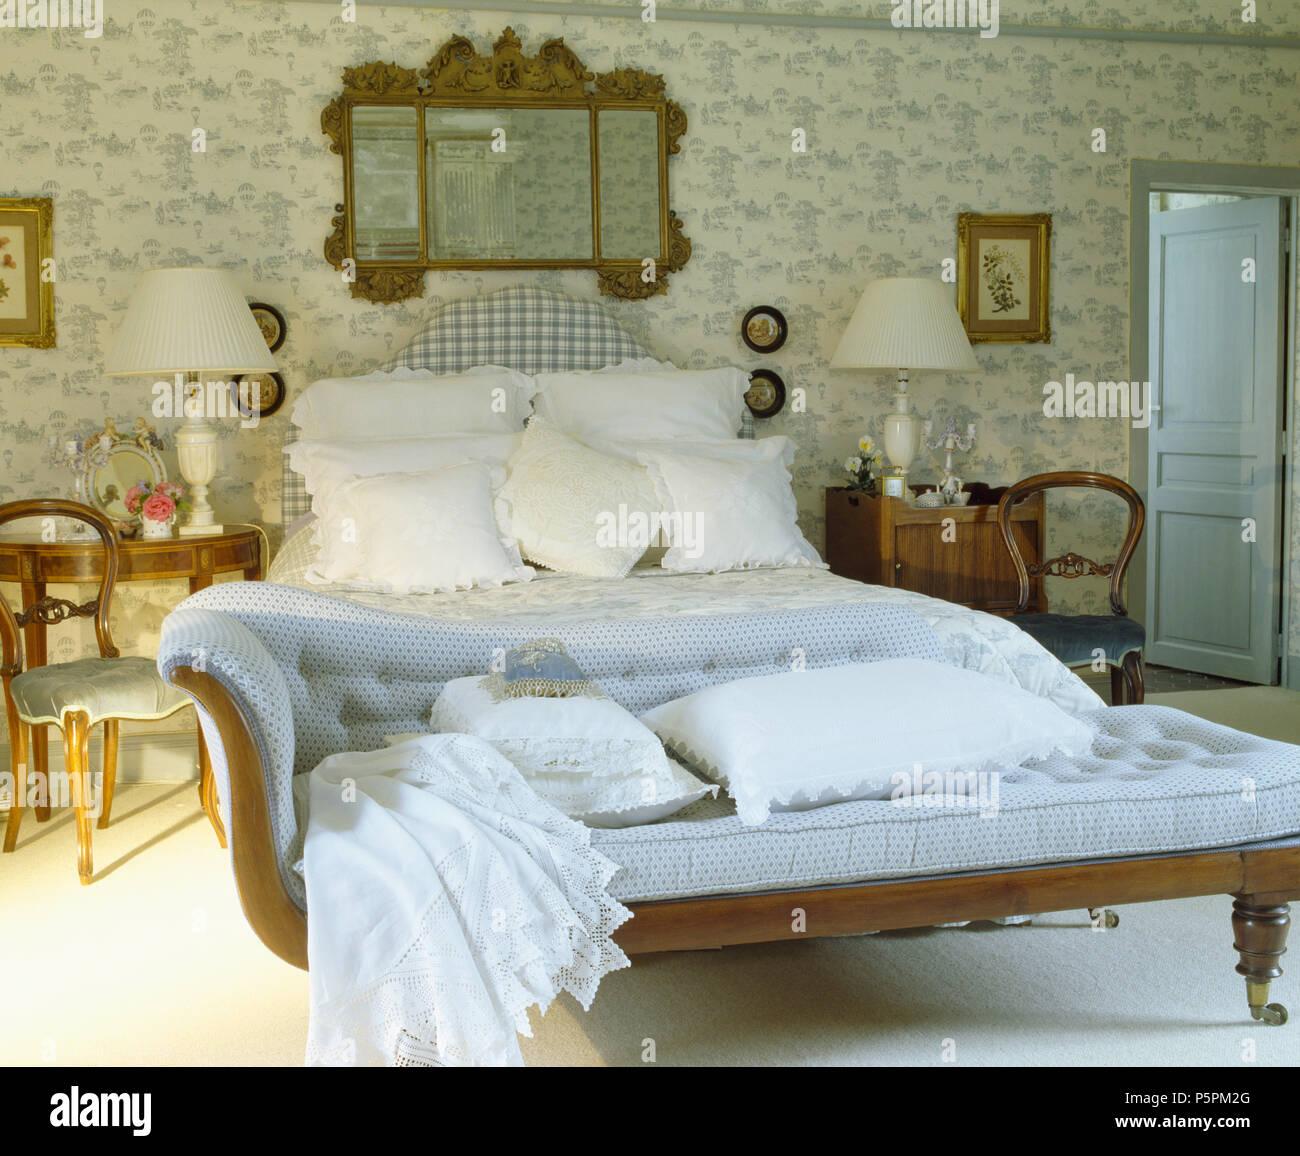 Antike Spiegel über Polsterbett Im Land Schlafzimmer Mit Blau Weiß